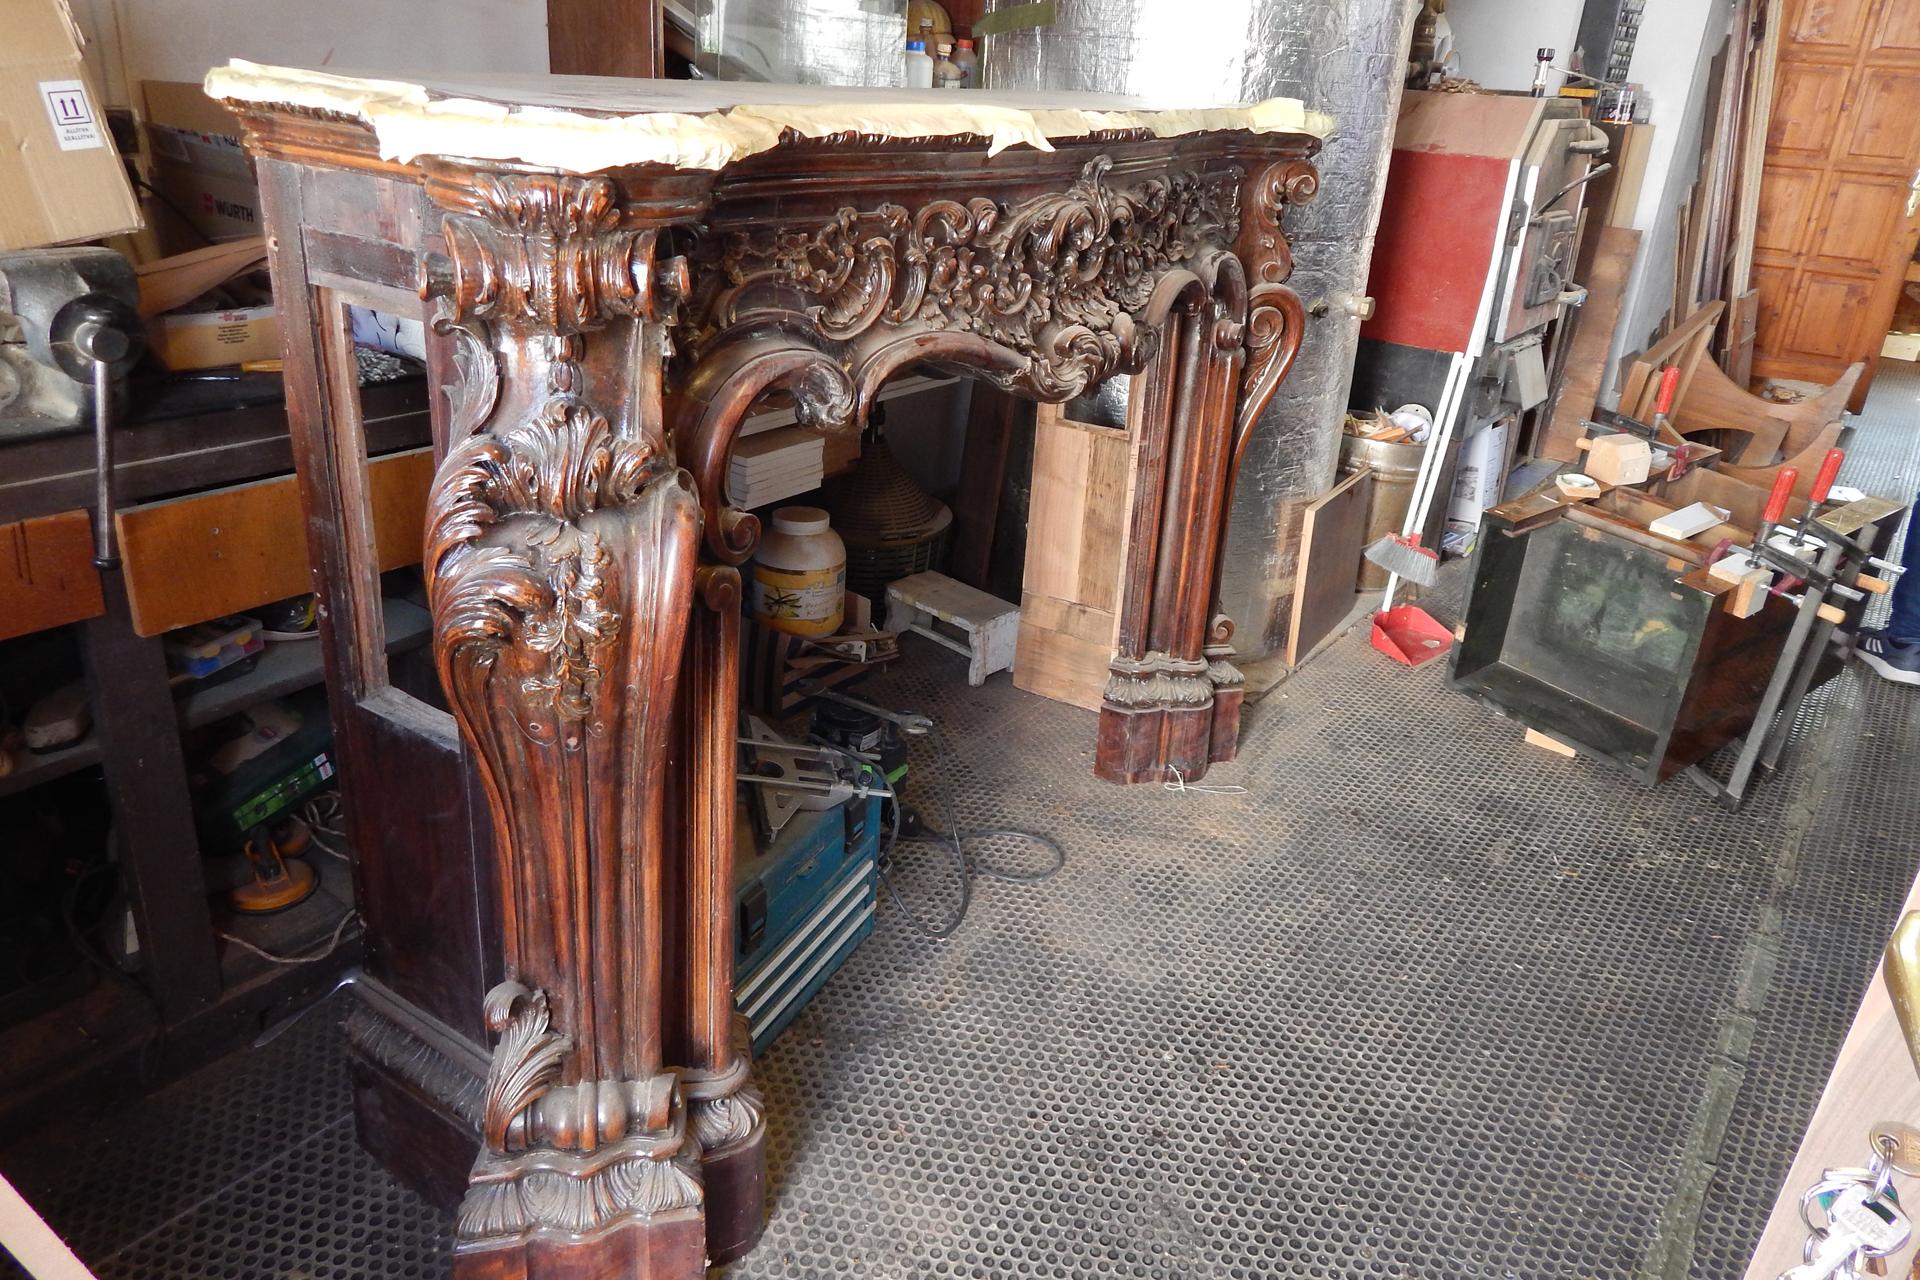 Elloptak Velence egyik kastélyából egy neobarokk kandallókeretet, most lett meg